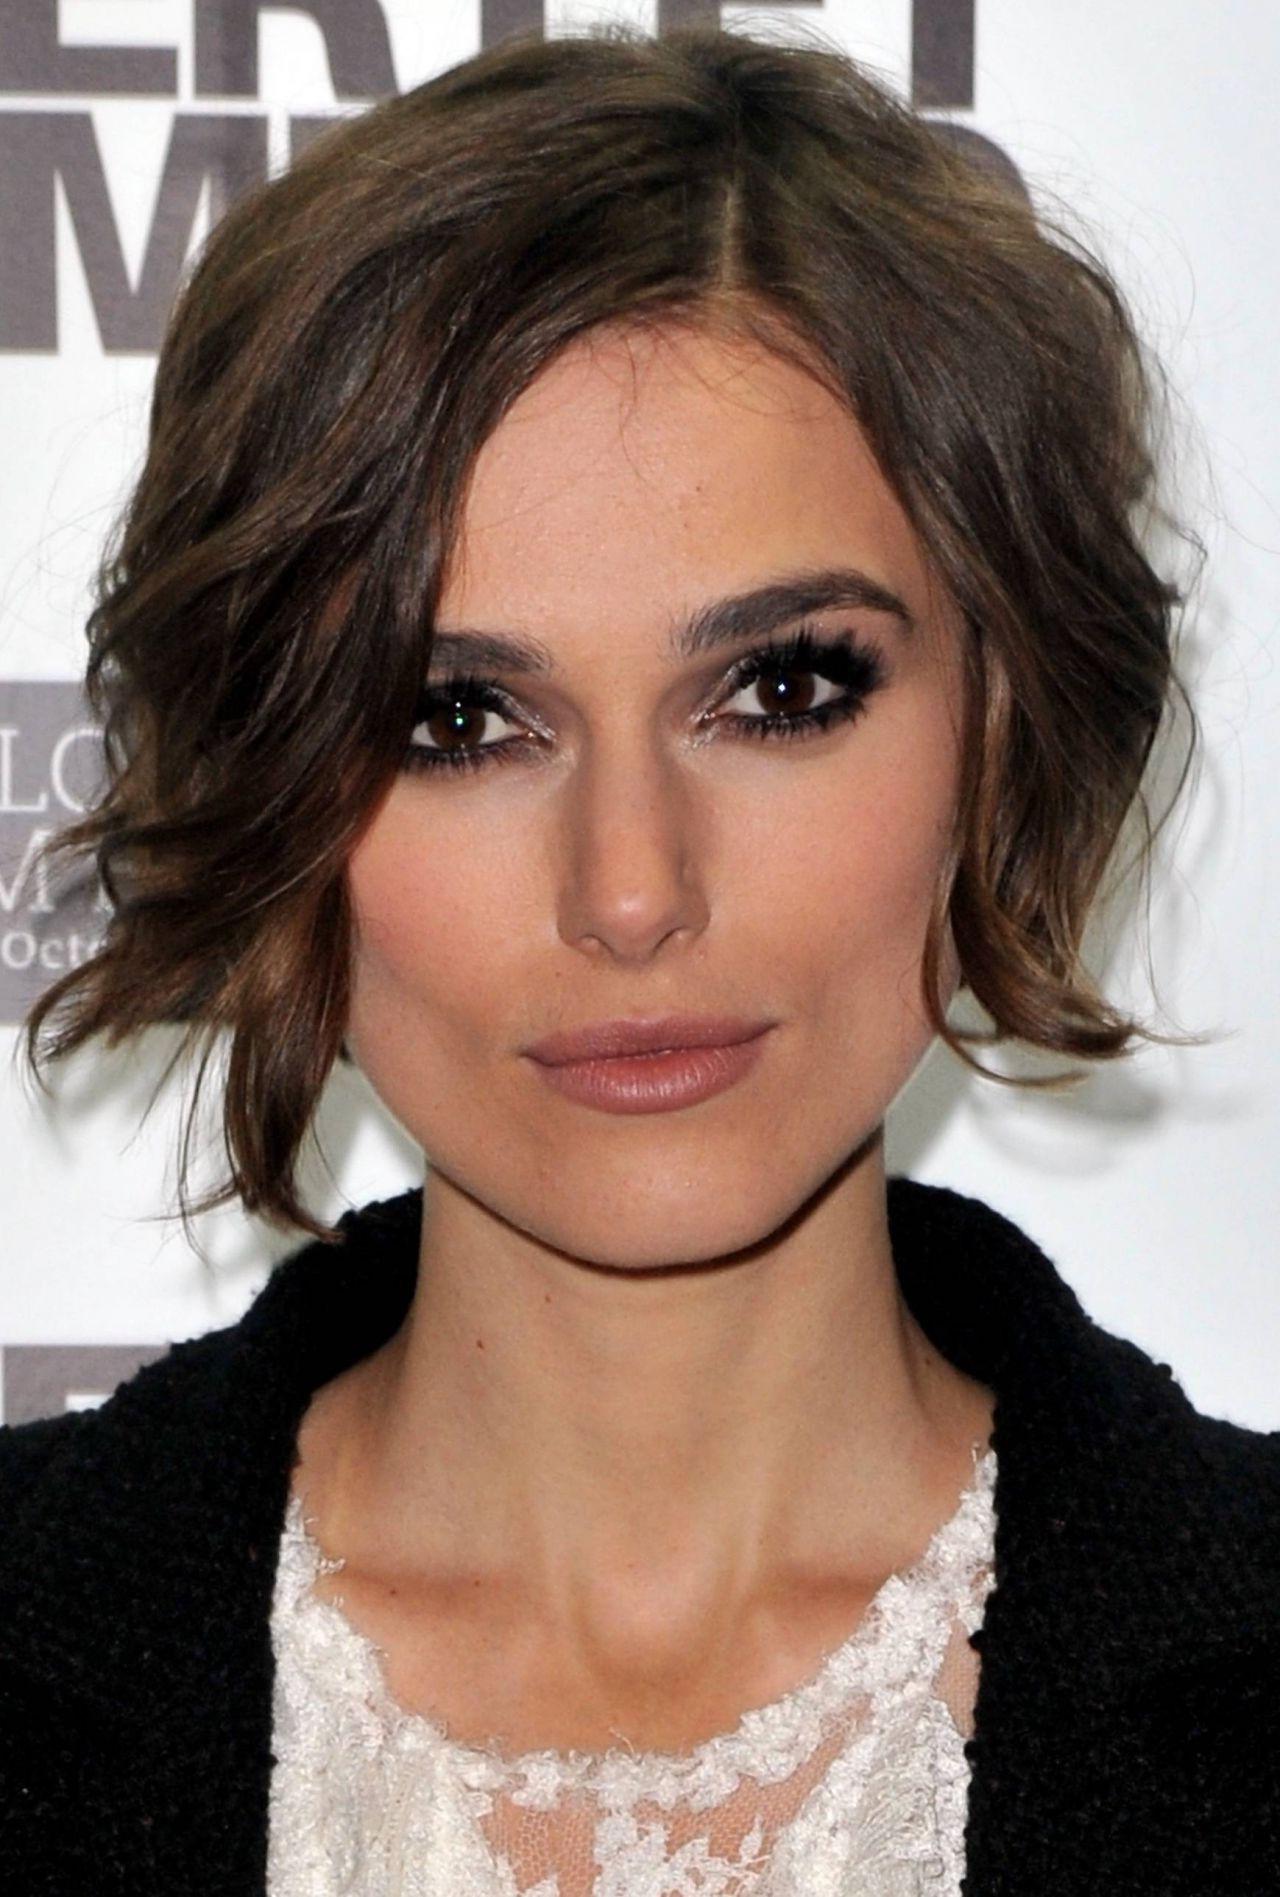 Cute Summer Hairstyles For Medium Short Hair Archives Within Cute Medium Short Hairstyles (View 19 of 25)